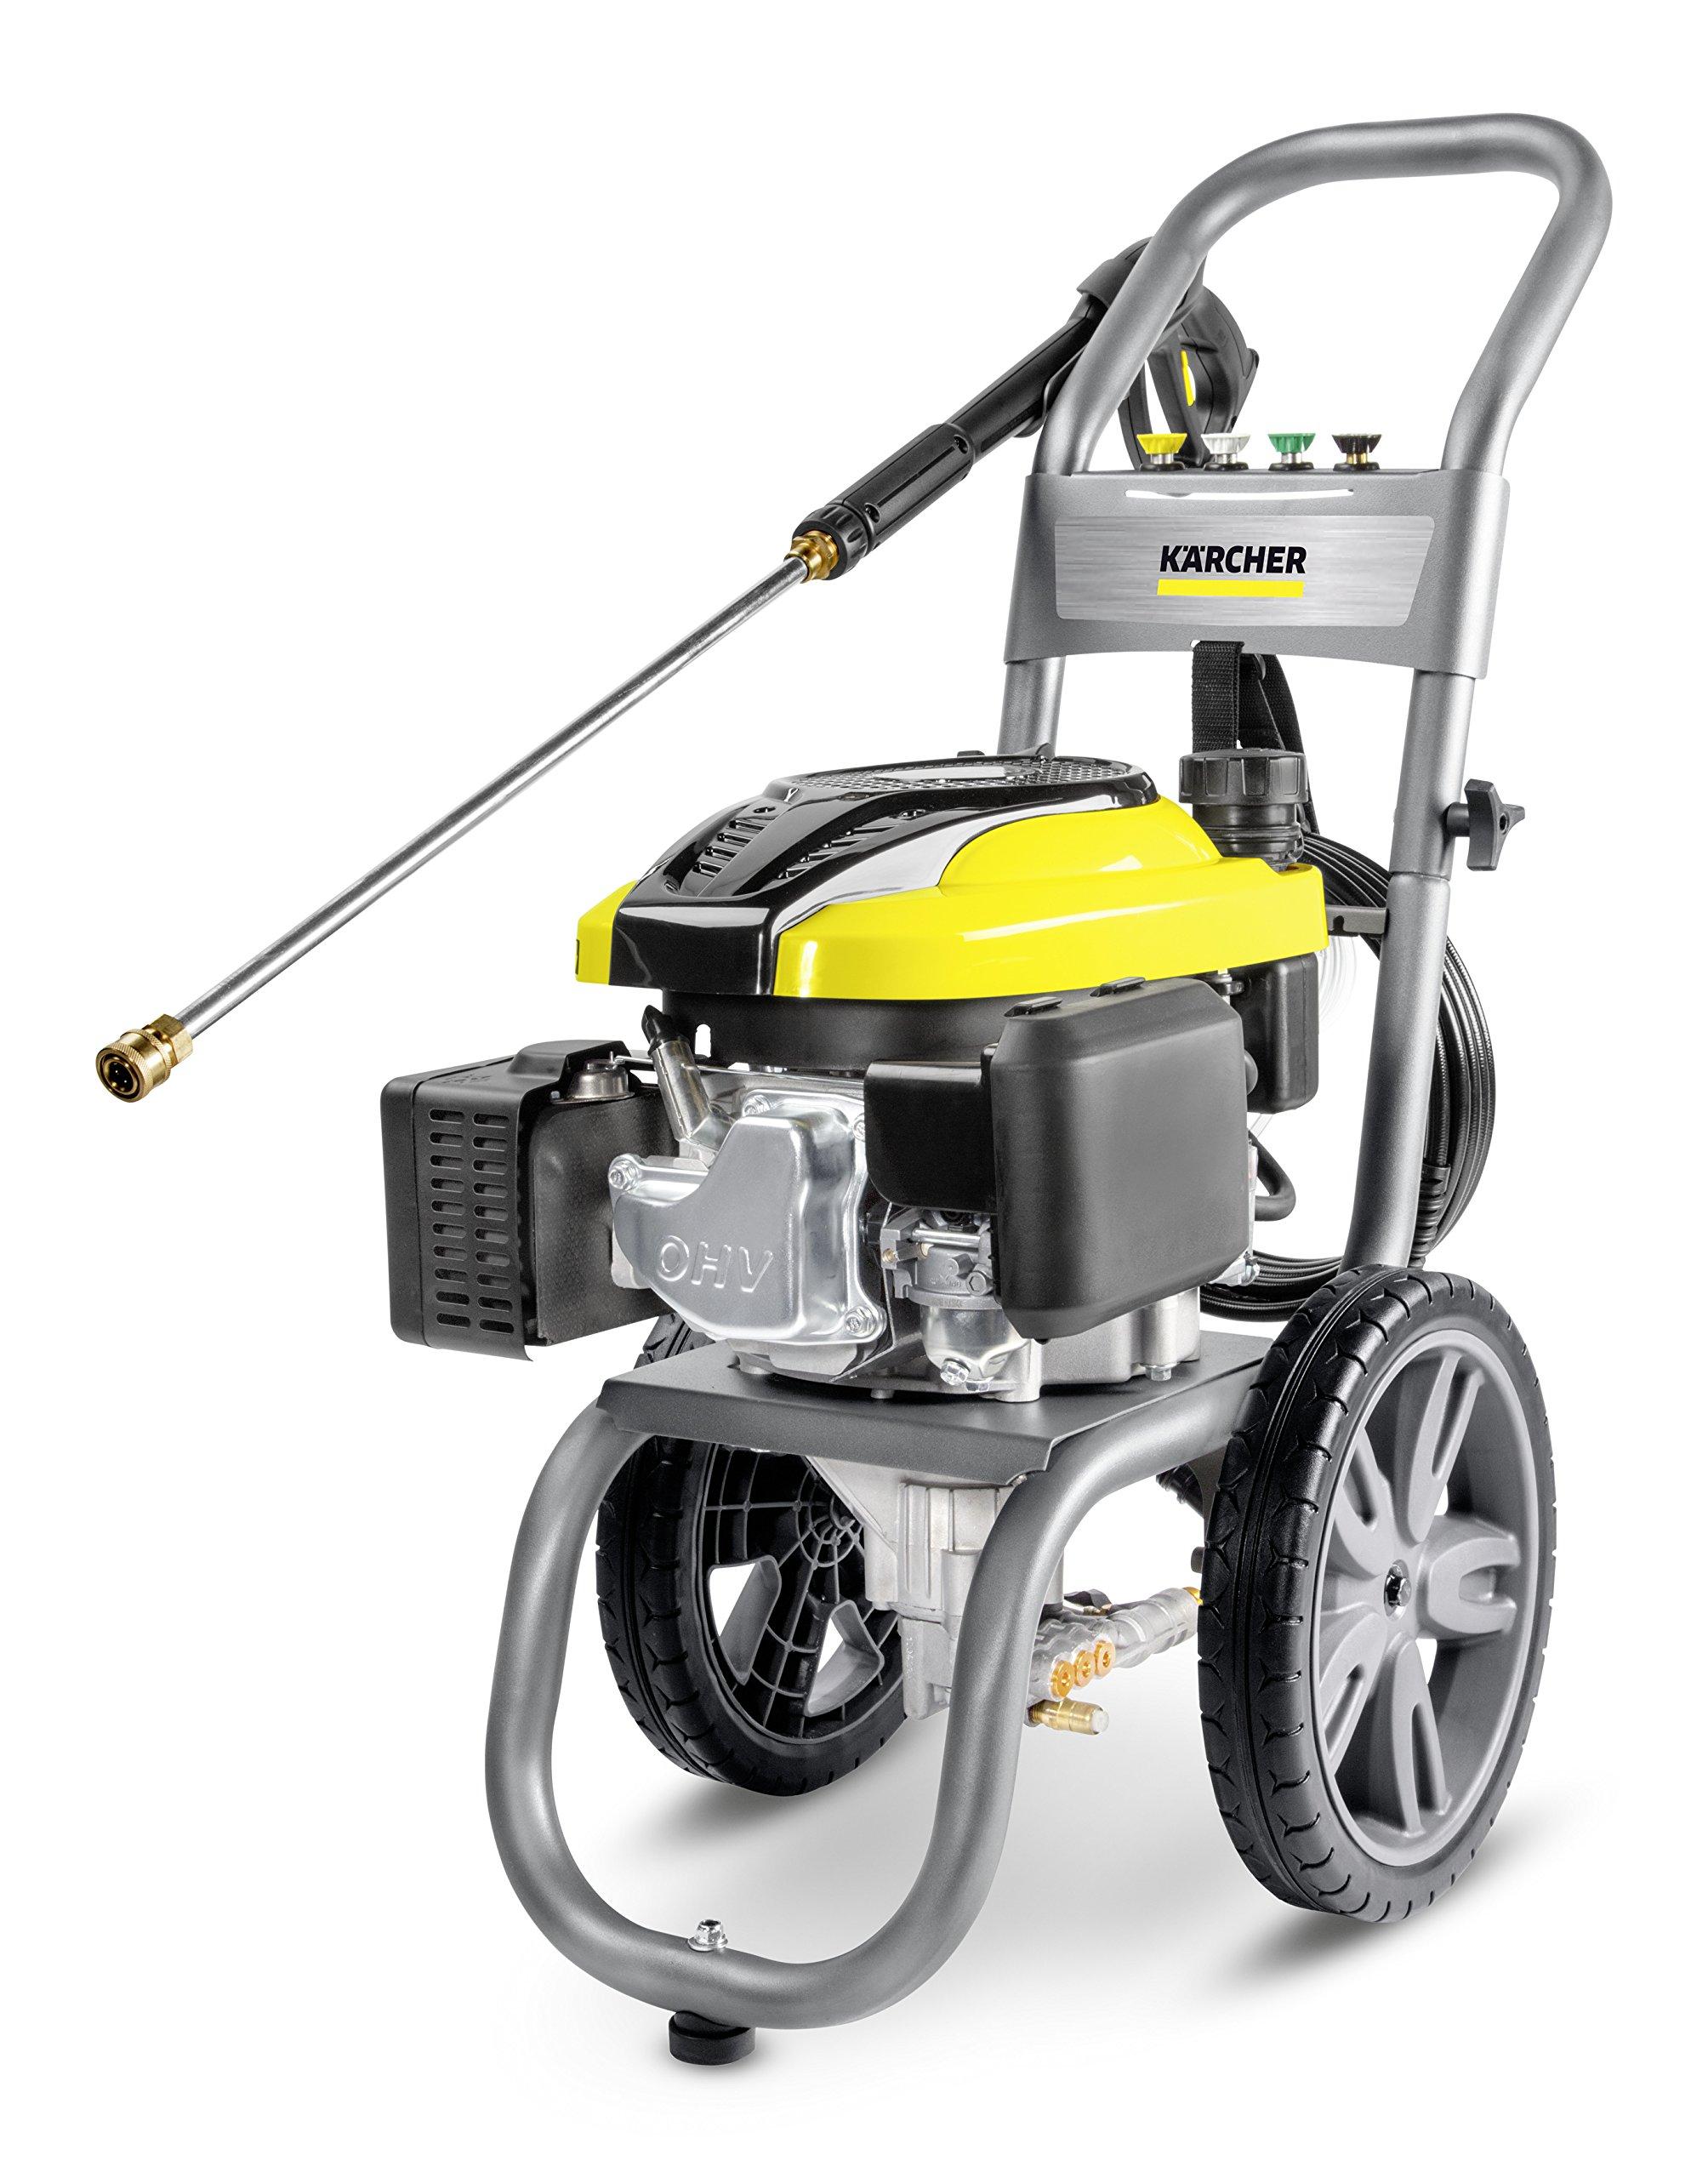 Karcher 1 107 383 0 G2700R Pressure Washer